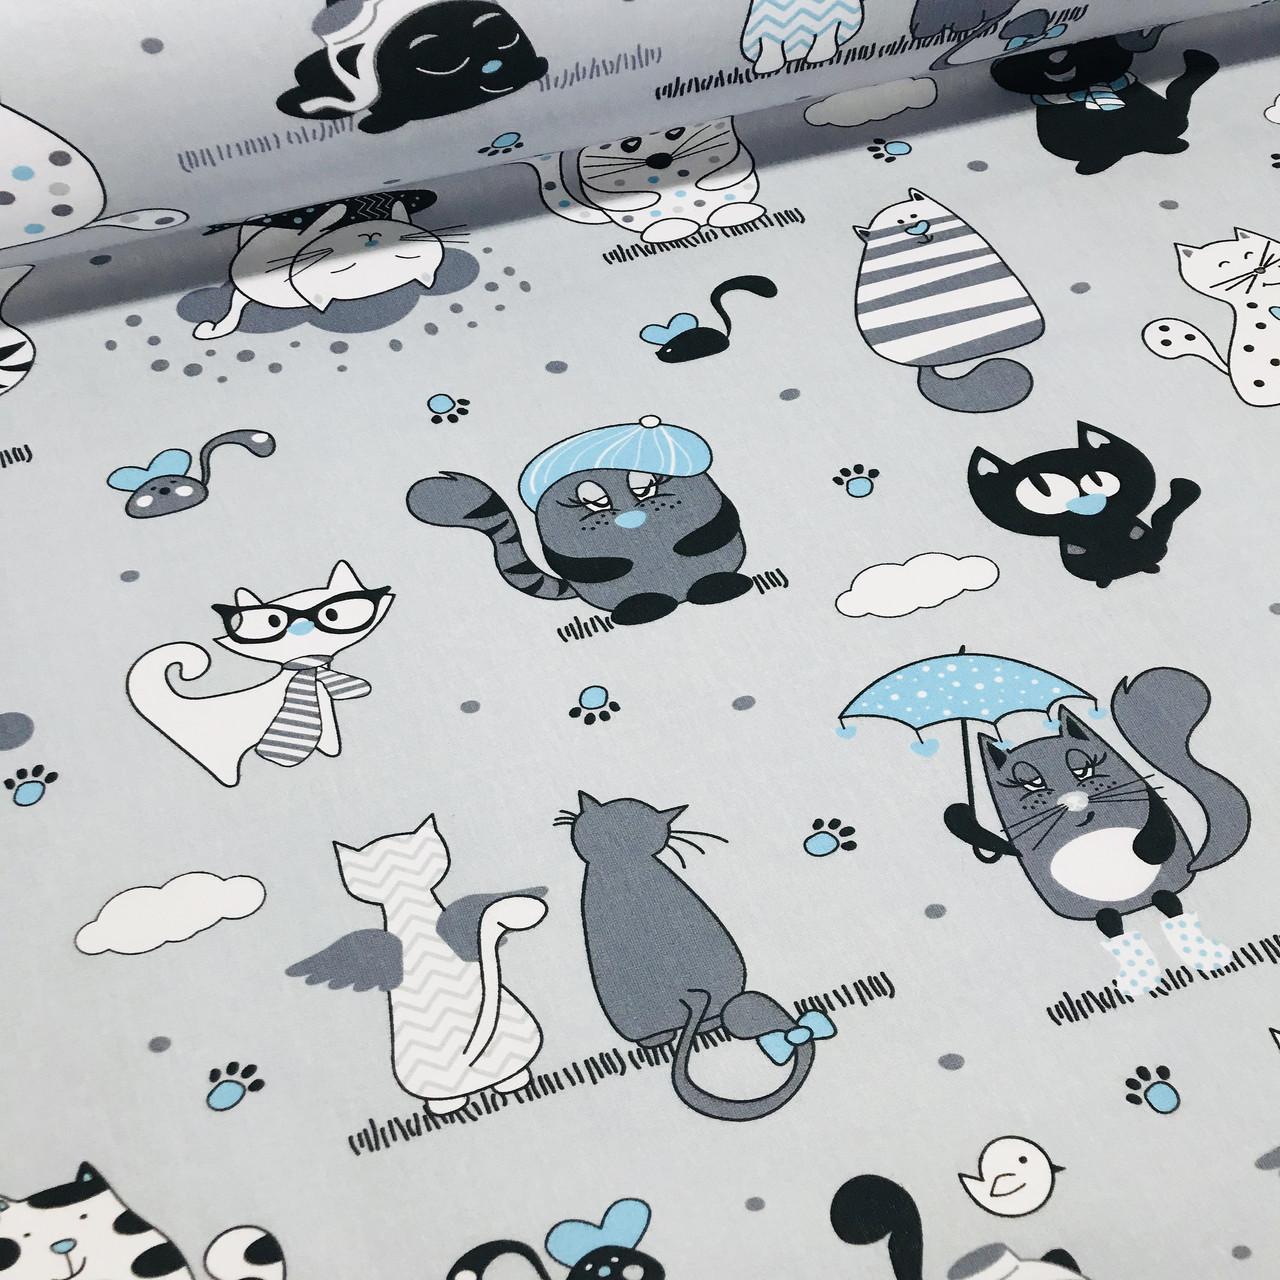 Хлопковая ткань польская коты серые и белые, с бирюзовыми зонтиками и бирюзовыми лапками на сером№41